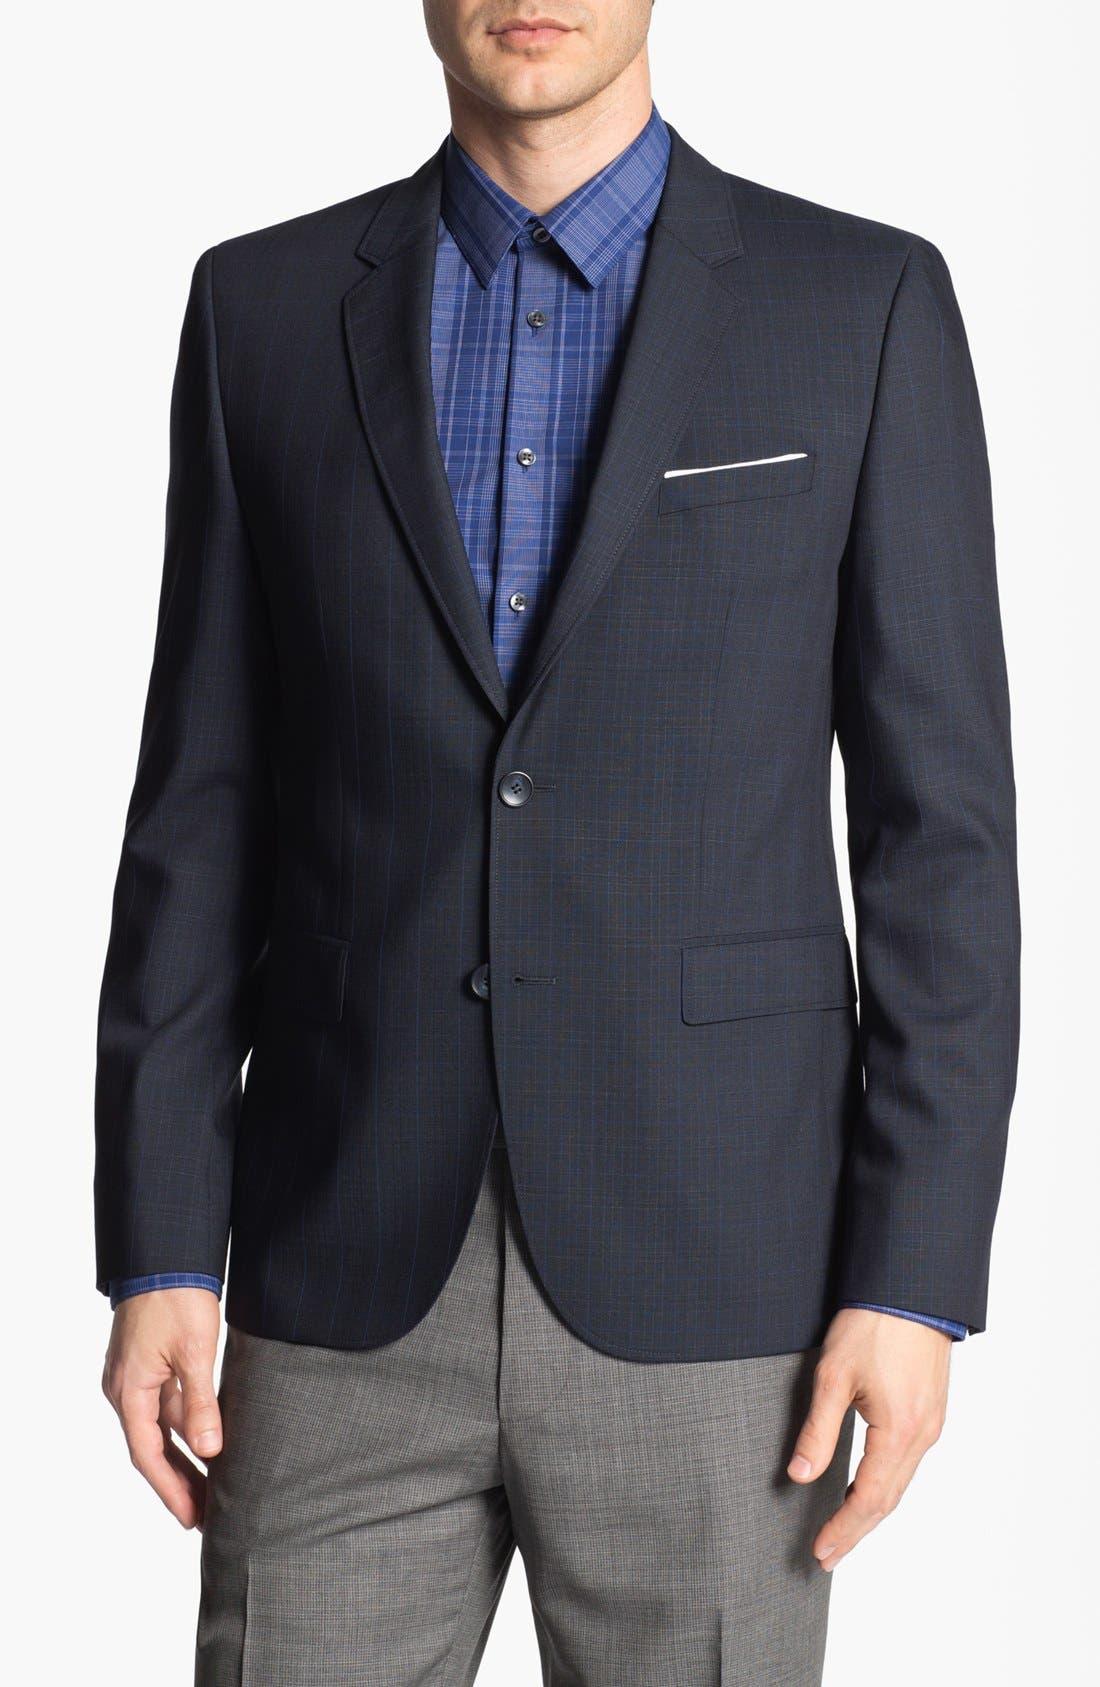 Main Image - HUGO 'Aeris' Extra Trim Fit Plaid Sportcoat